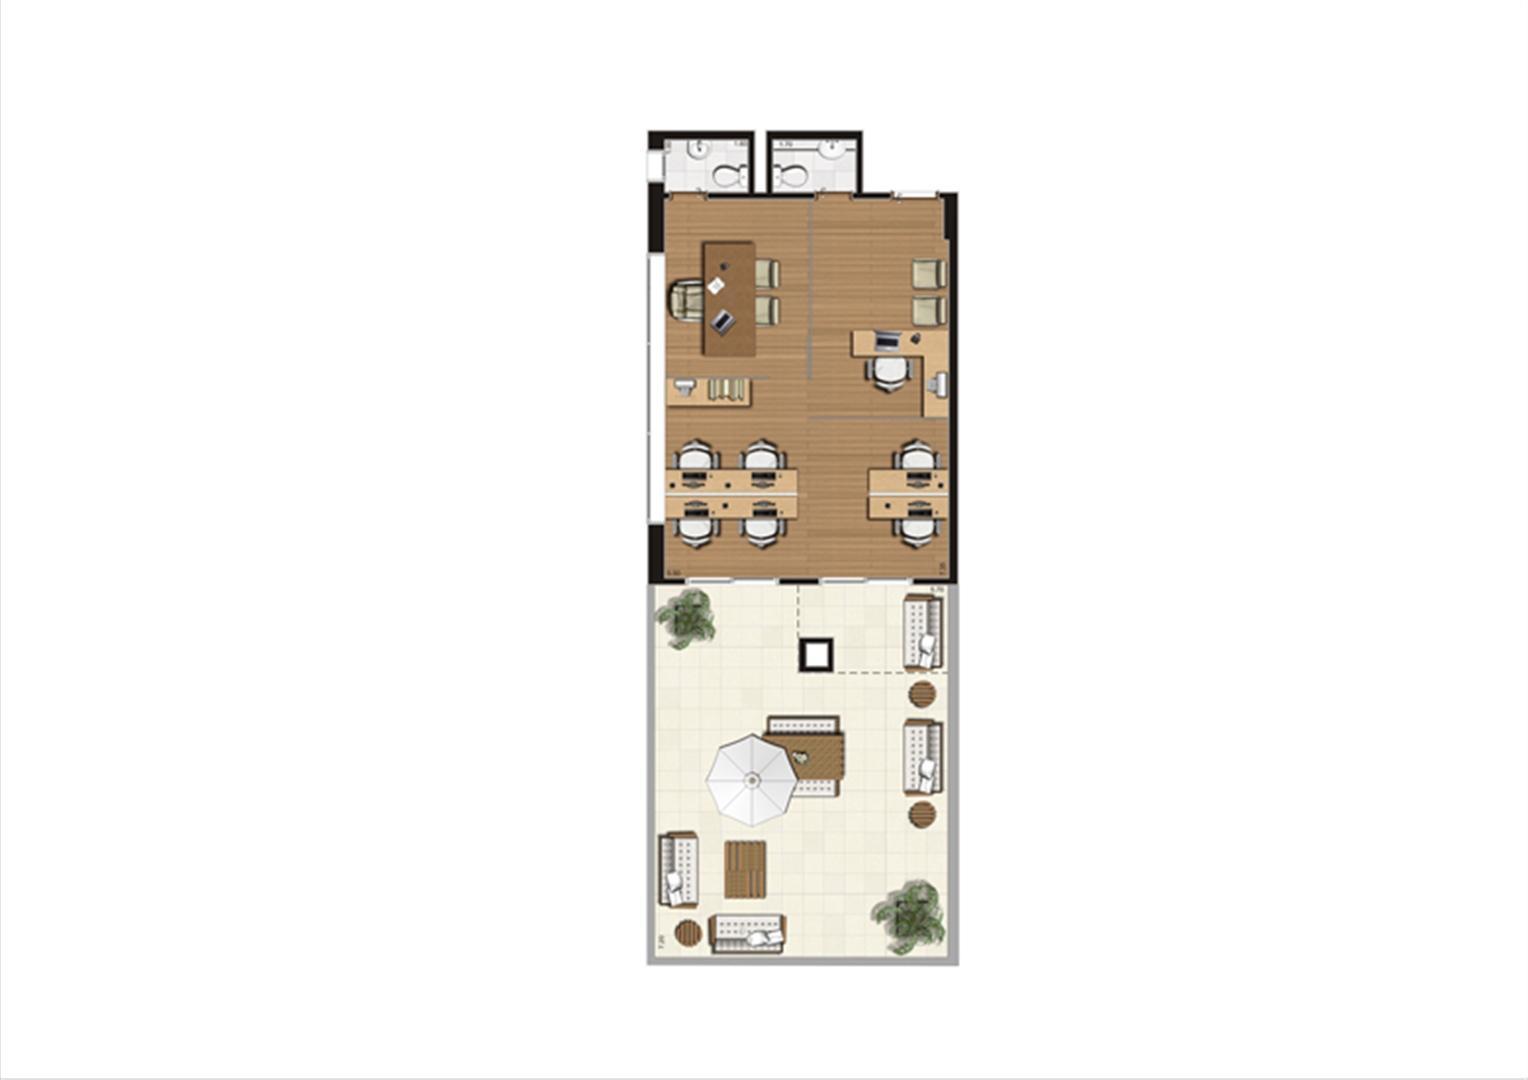 Giardino de 92 m² Final 10 | Luzes da Mooca - Atrio Giorno – Salas Comerciais na  Mooca - São Paulo - São Paulo